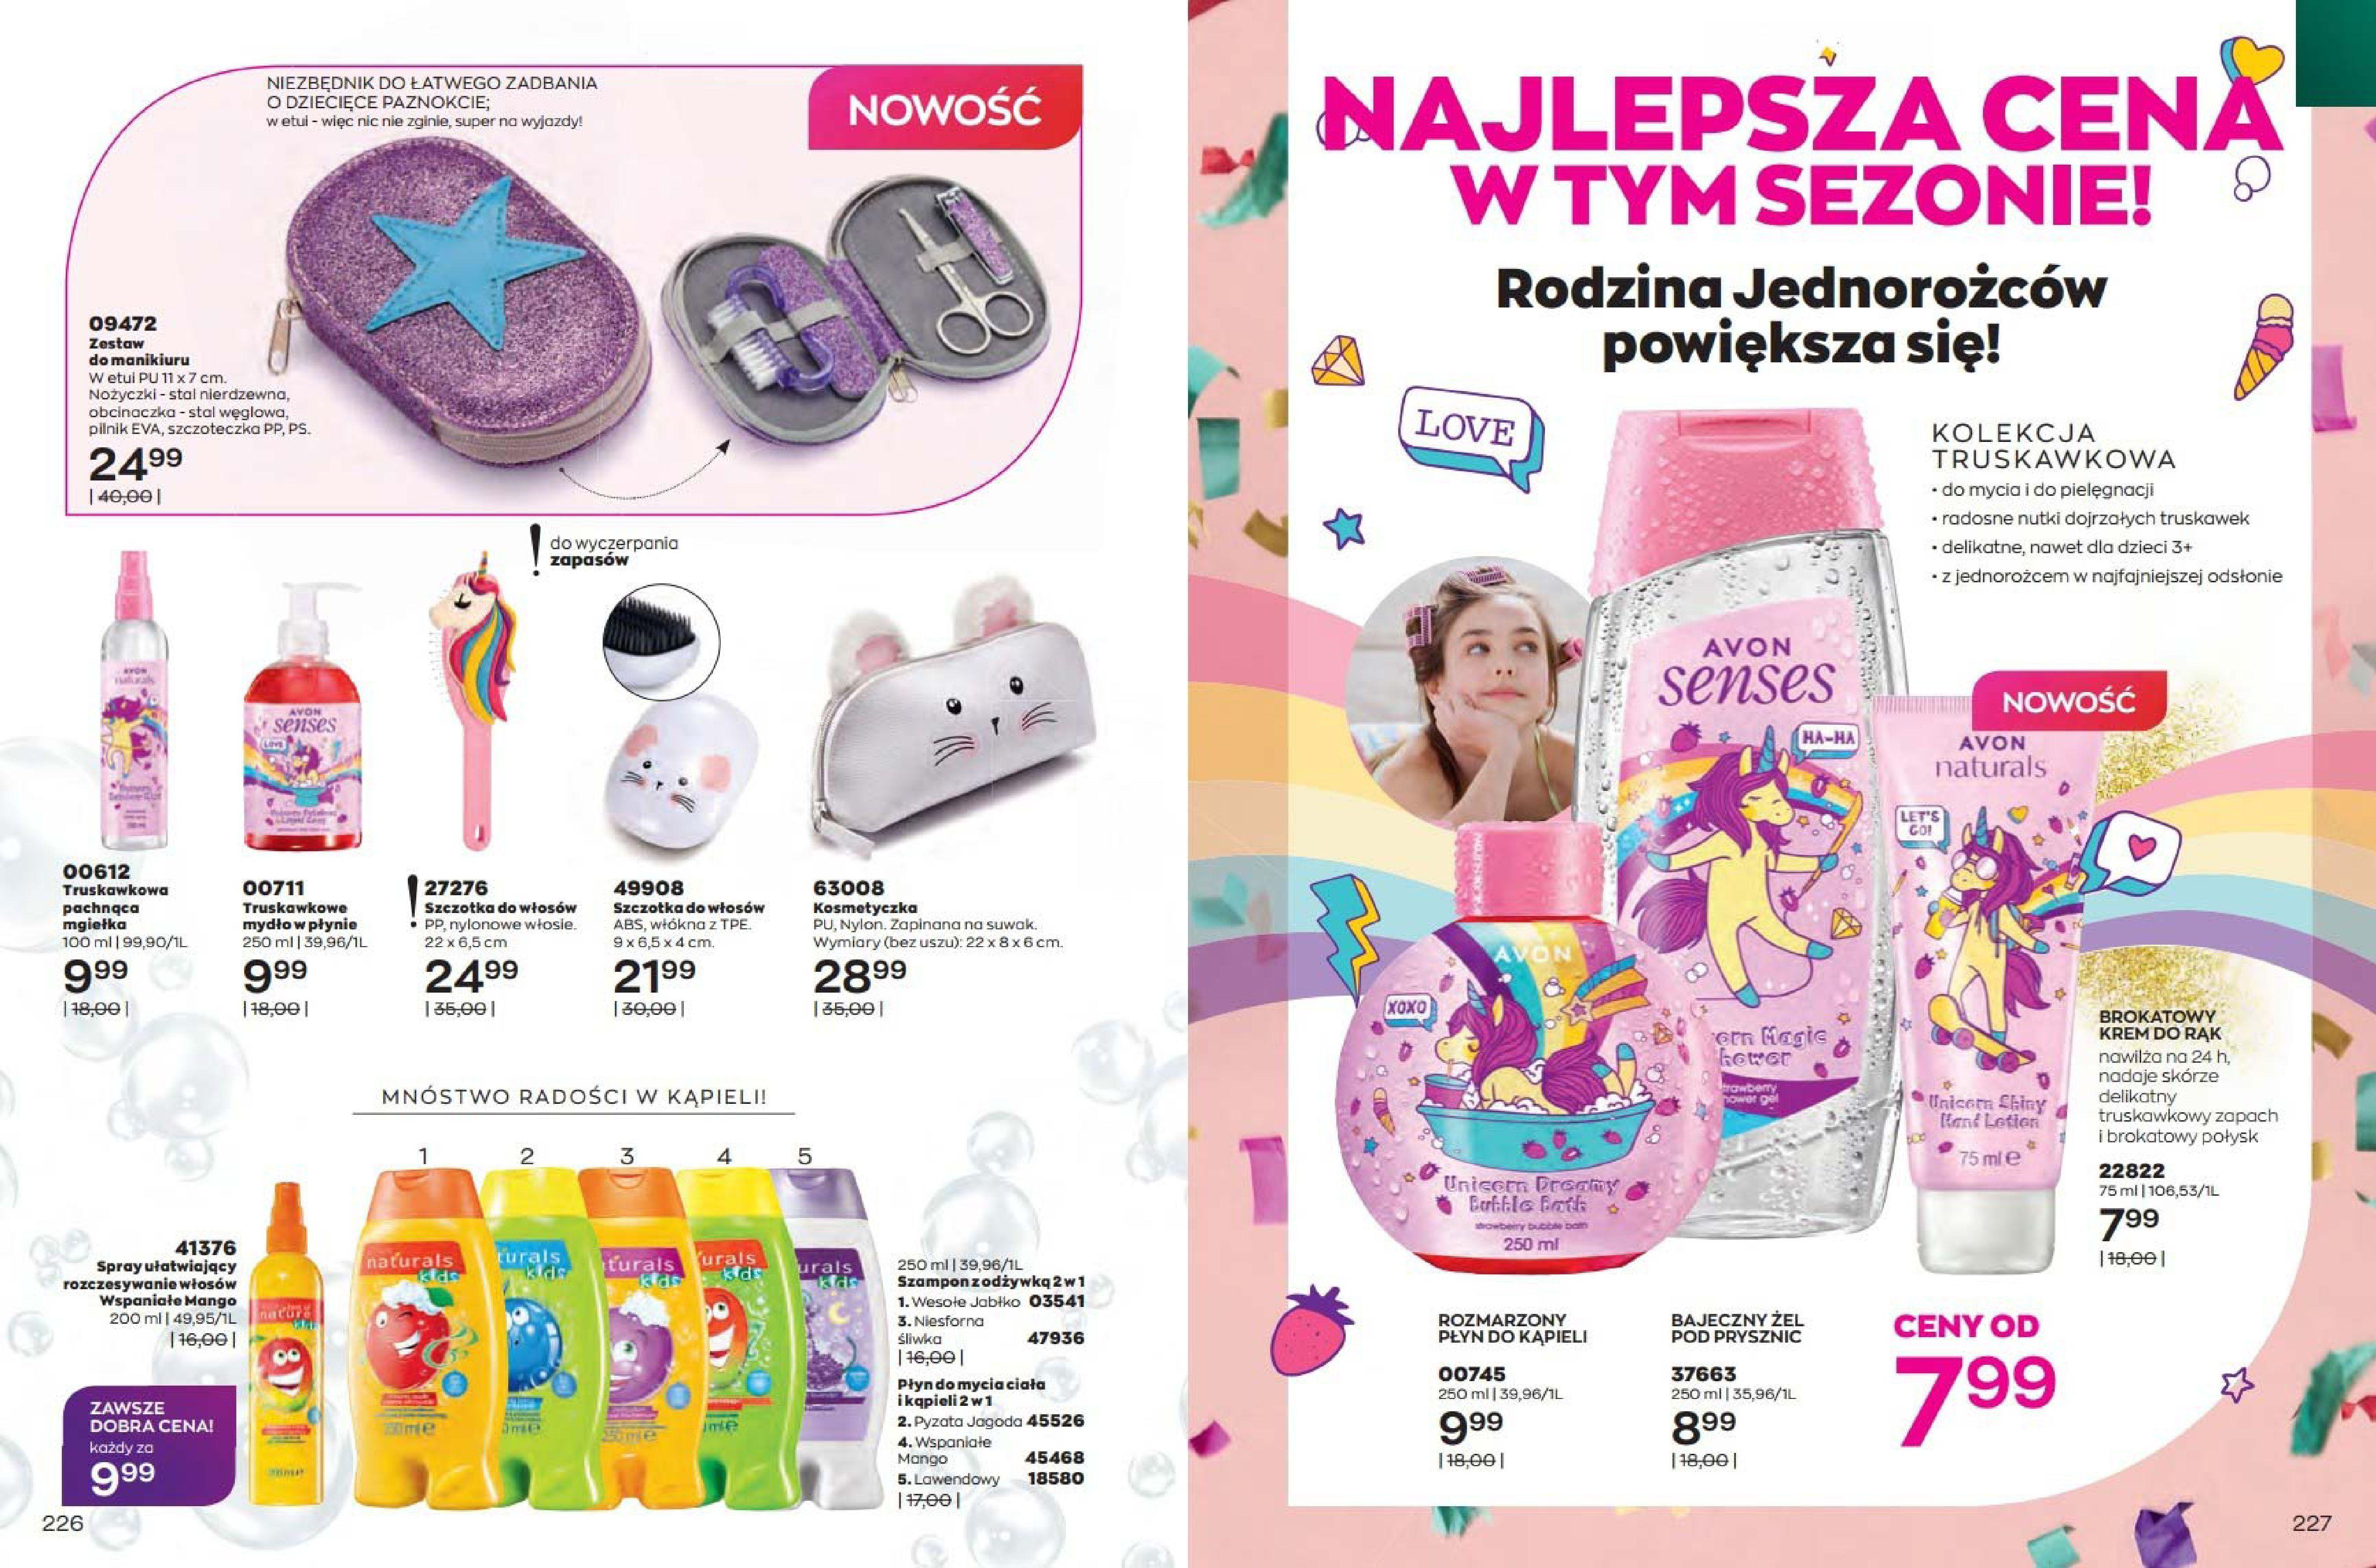 Gazetka Avon: Katalog Avon - Wrzesień/Październik 2021-08-17 page-114